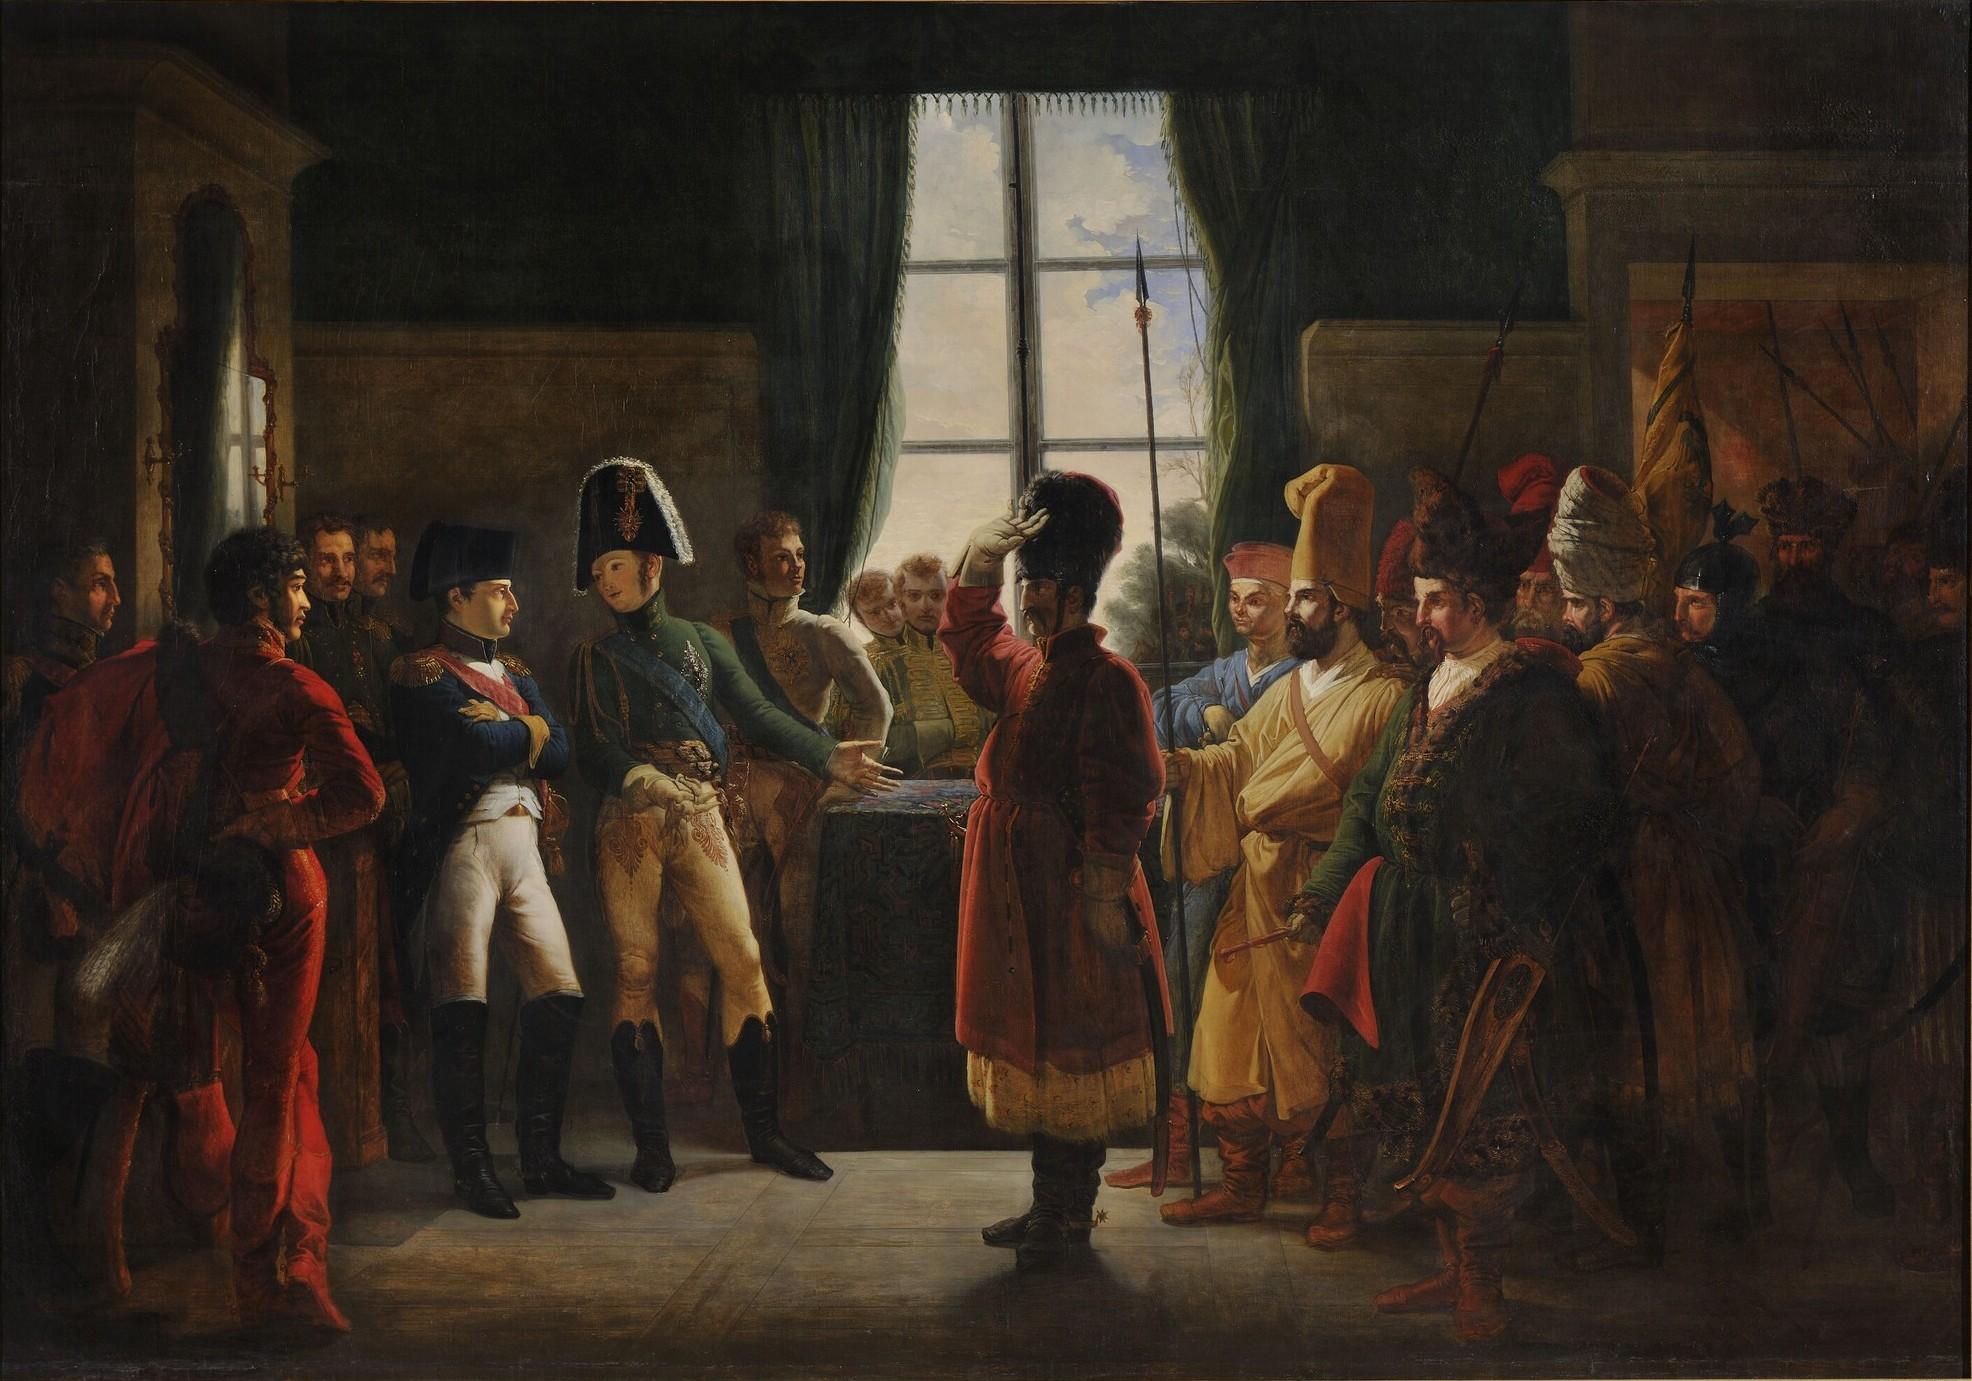 File:Bergeret - Alexander Ier présente à Napoléon les Kalmoucks, les Cosaques et les Baskirs de l'armée russe (9 juillet 1807).jpg